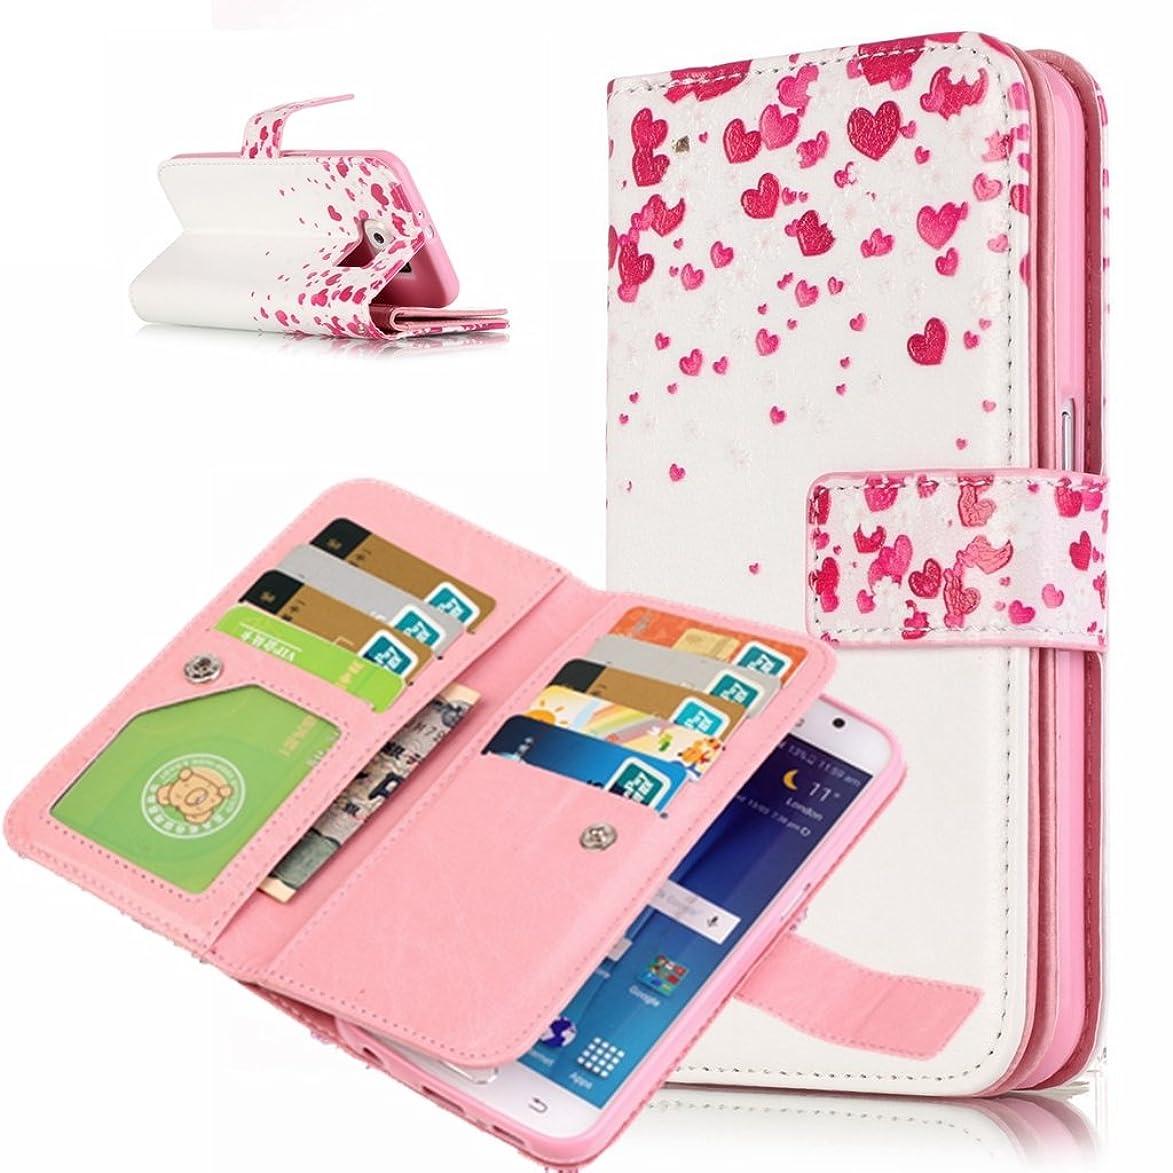 実行するミュウミュウアデレードUNEXTATI Galaxy S6 Edge ケース 高品質 PUレザー 手帳型ケース 保護カバー カード収納 液晶保護 防塵 Samsung GalaxyS6 Edge 用 Case Cover (P7 ピンク)